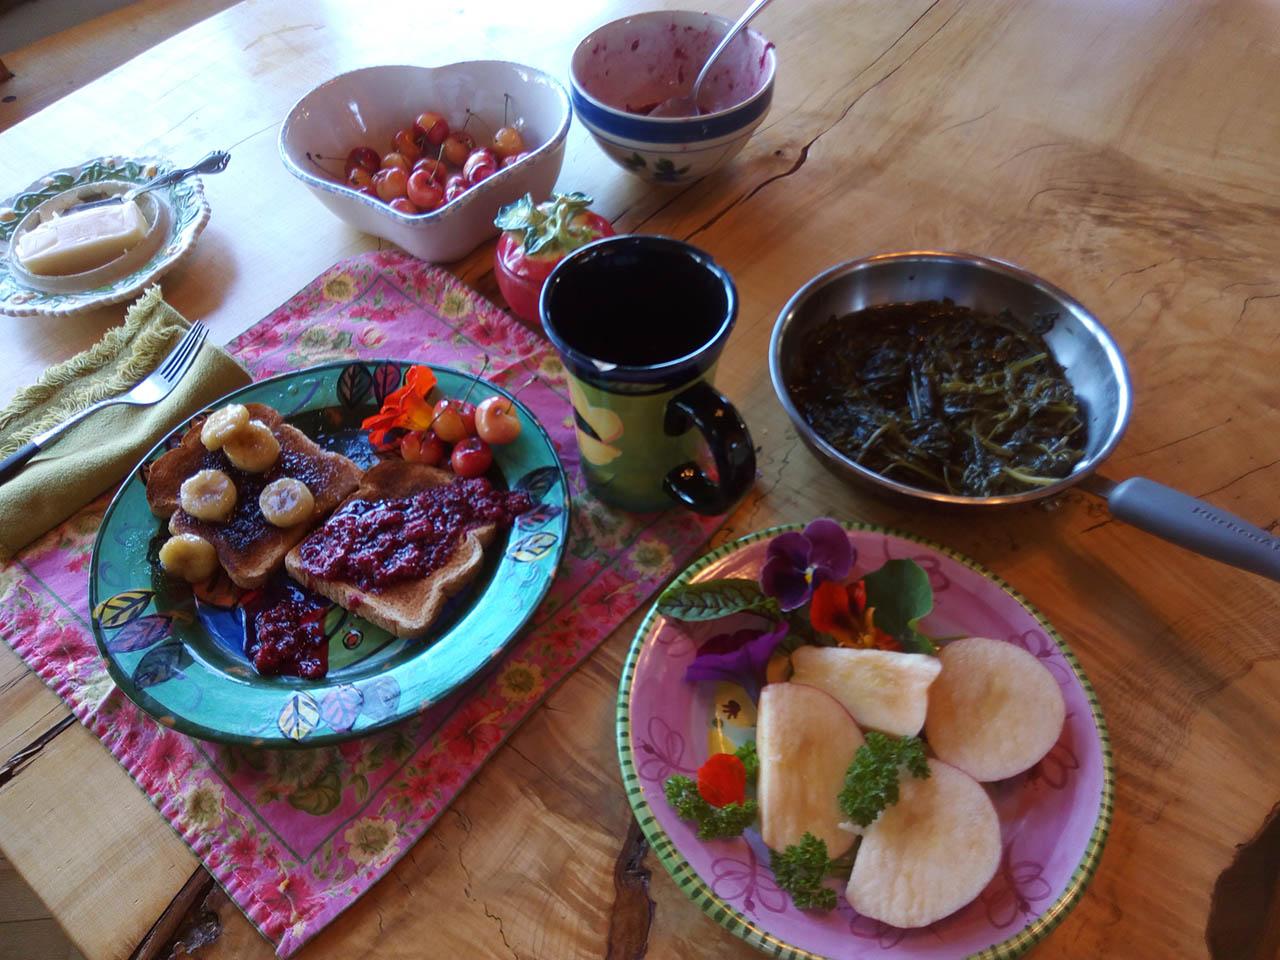 Breakfast jams, bread, fruit.